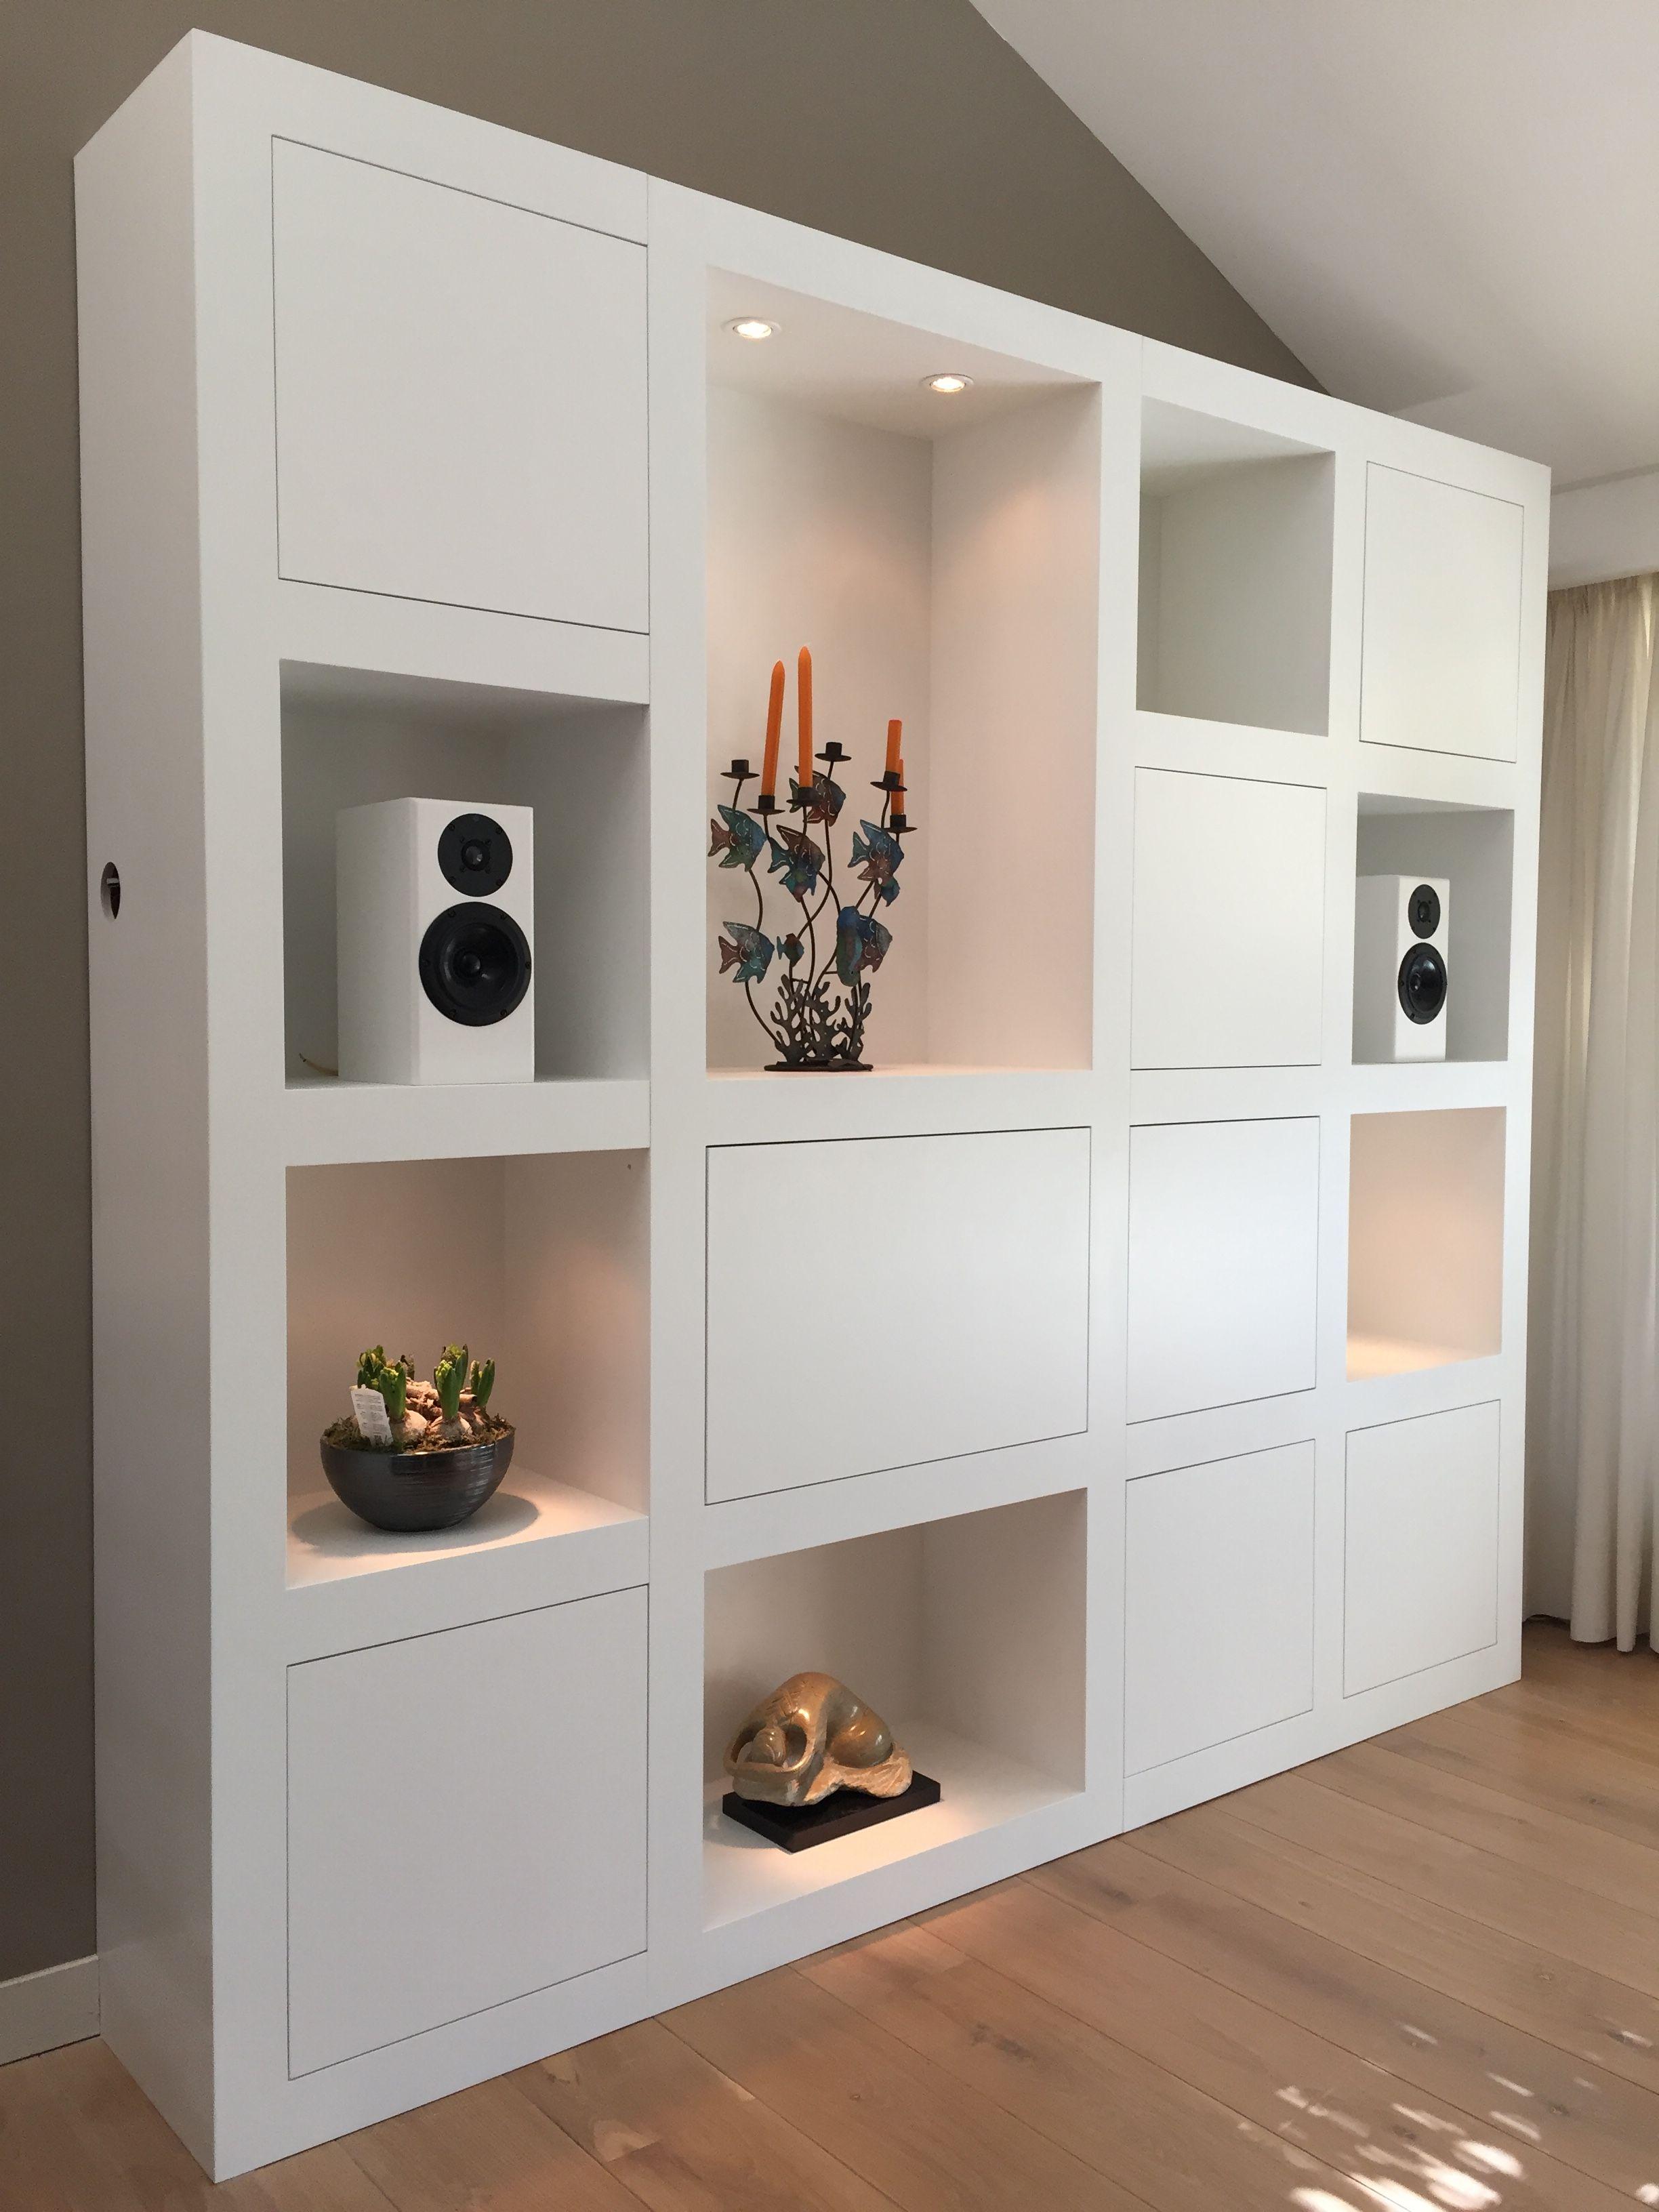 Mooie luxe Wand kast op maat met vakken en opbergruimte